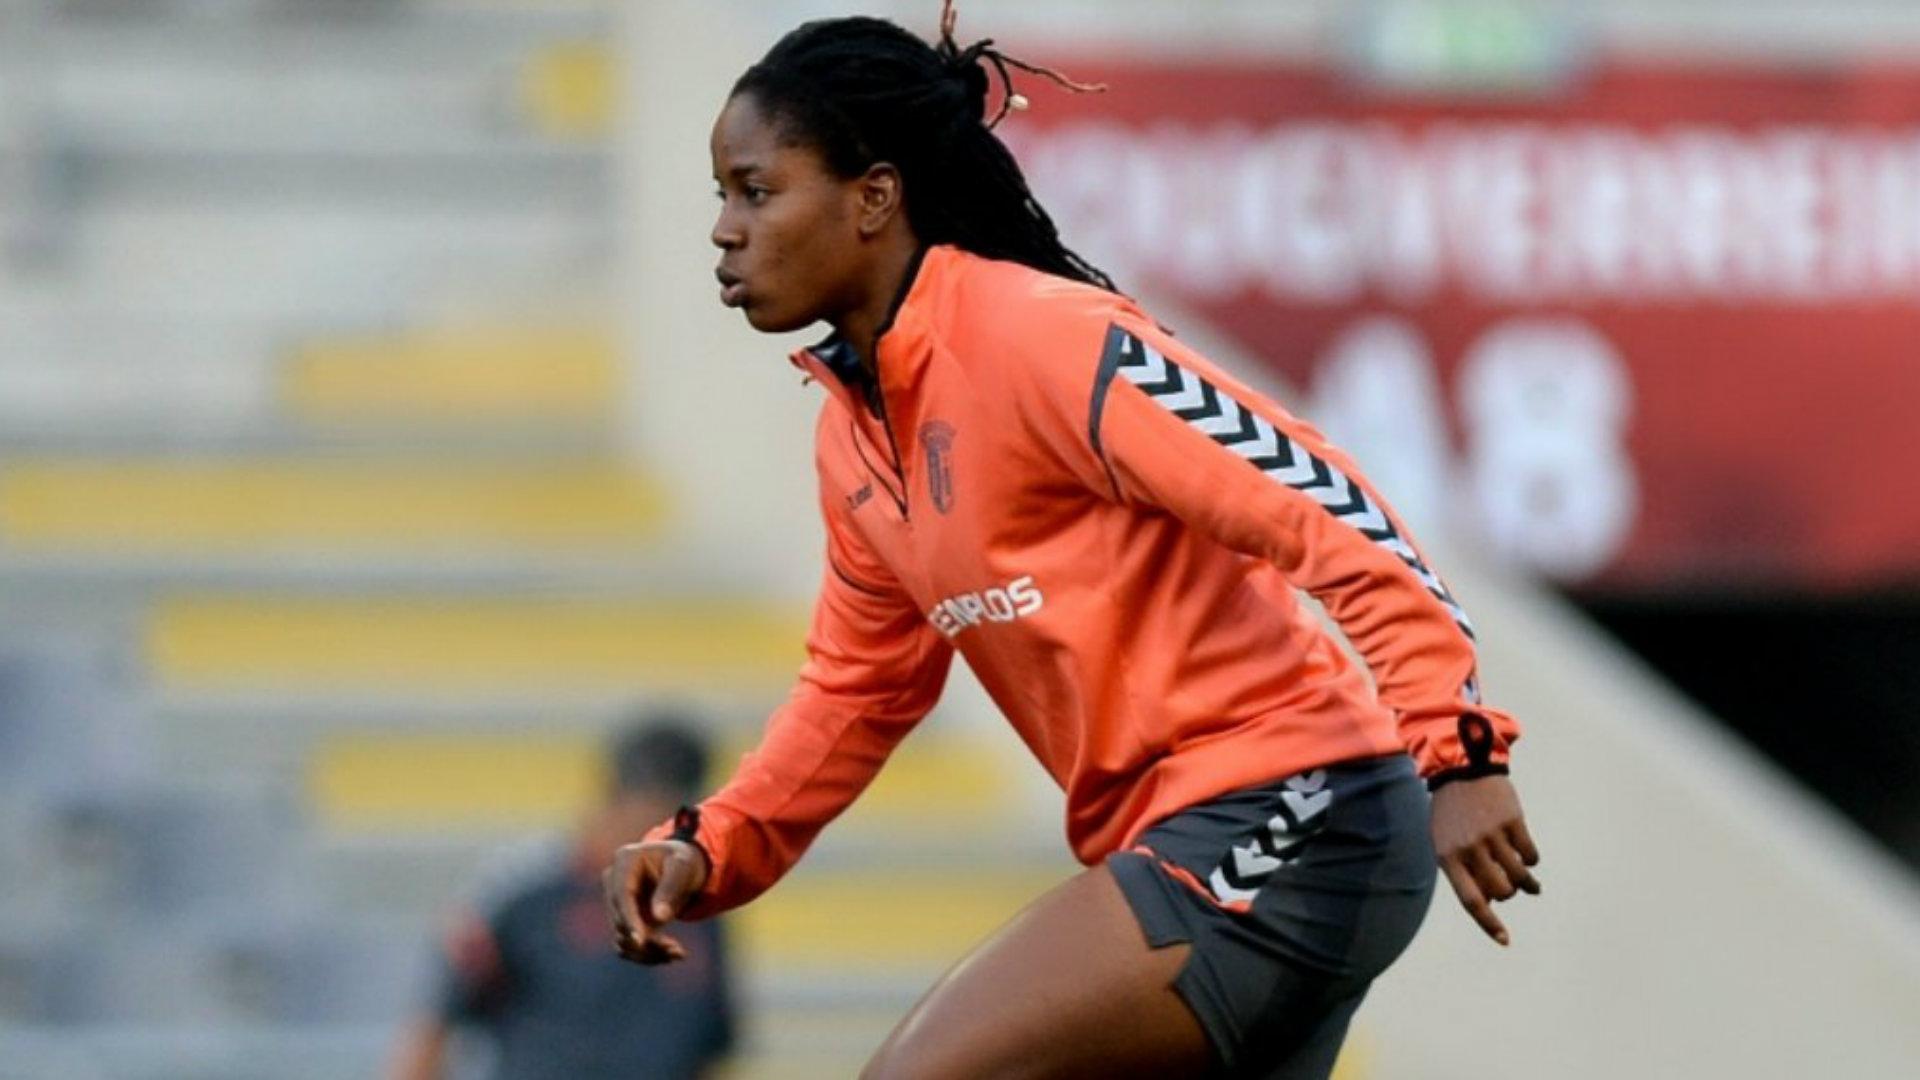 Uchenna Kanu, Chinaza Uchendu join Ebere Orji at Linkopings FC